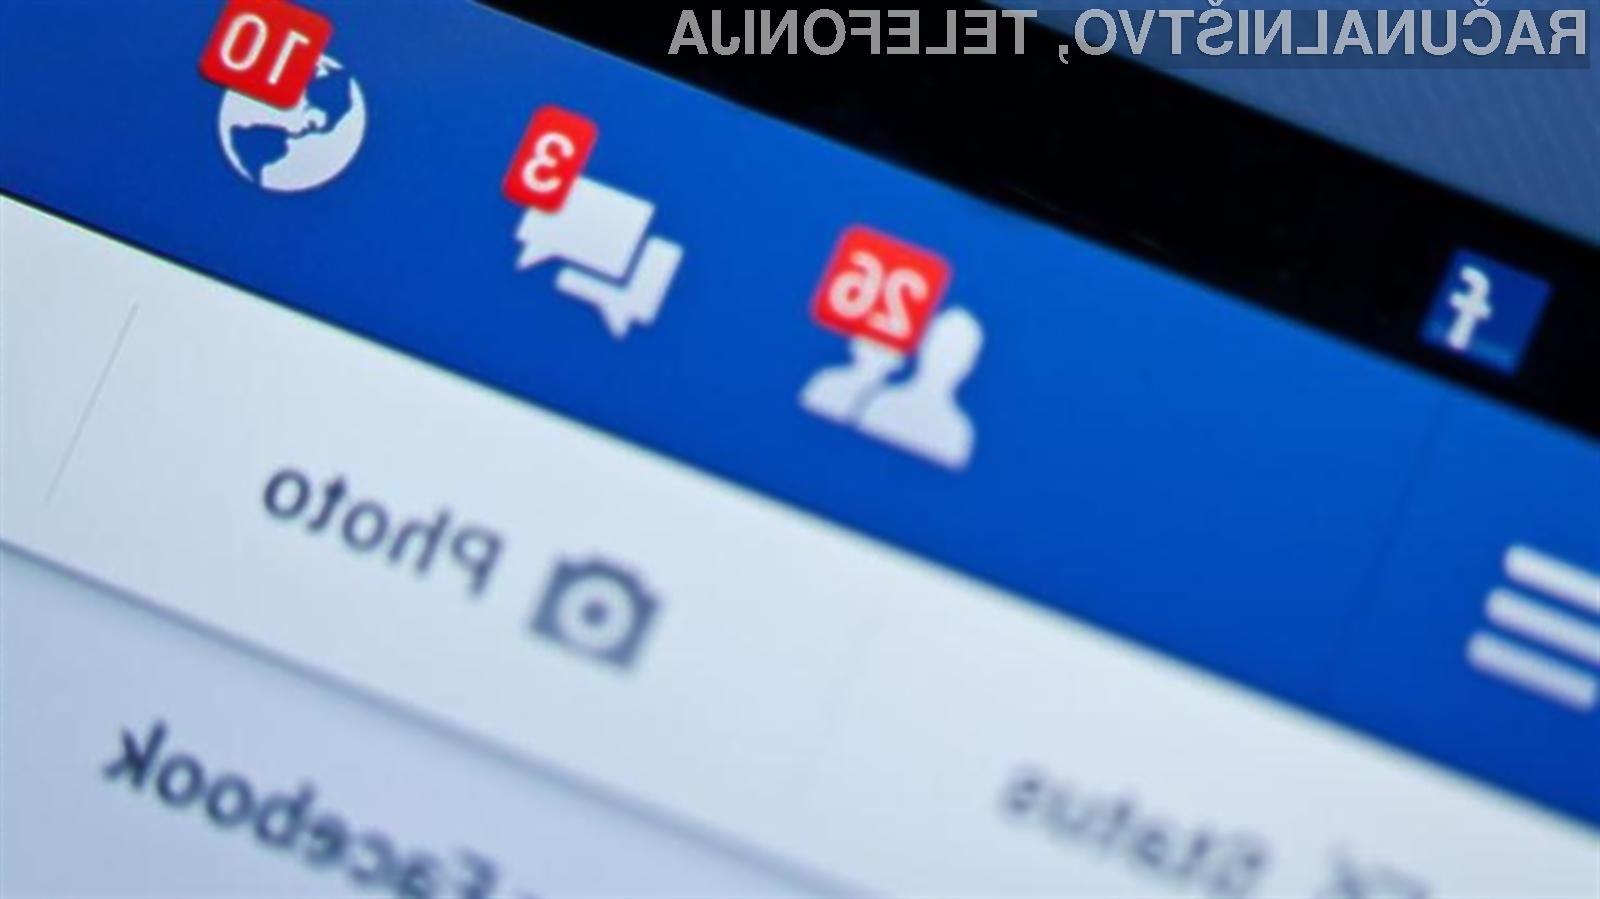 Facebook pripravlja precej strožja pravila za objave na portalu